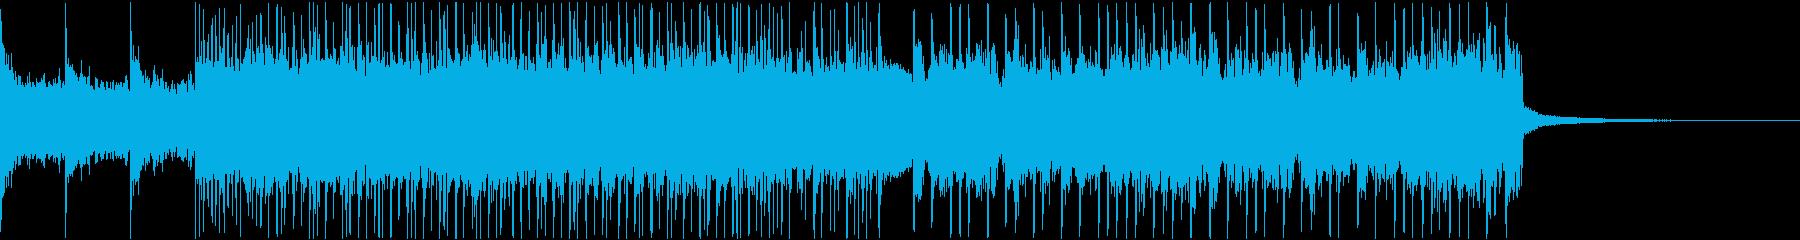 勢いとノリ重視のスラッシュリフジングルの再生済みの波形